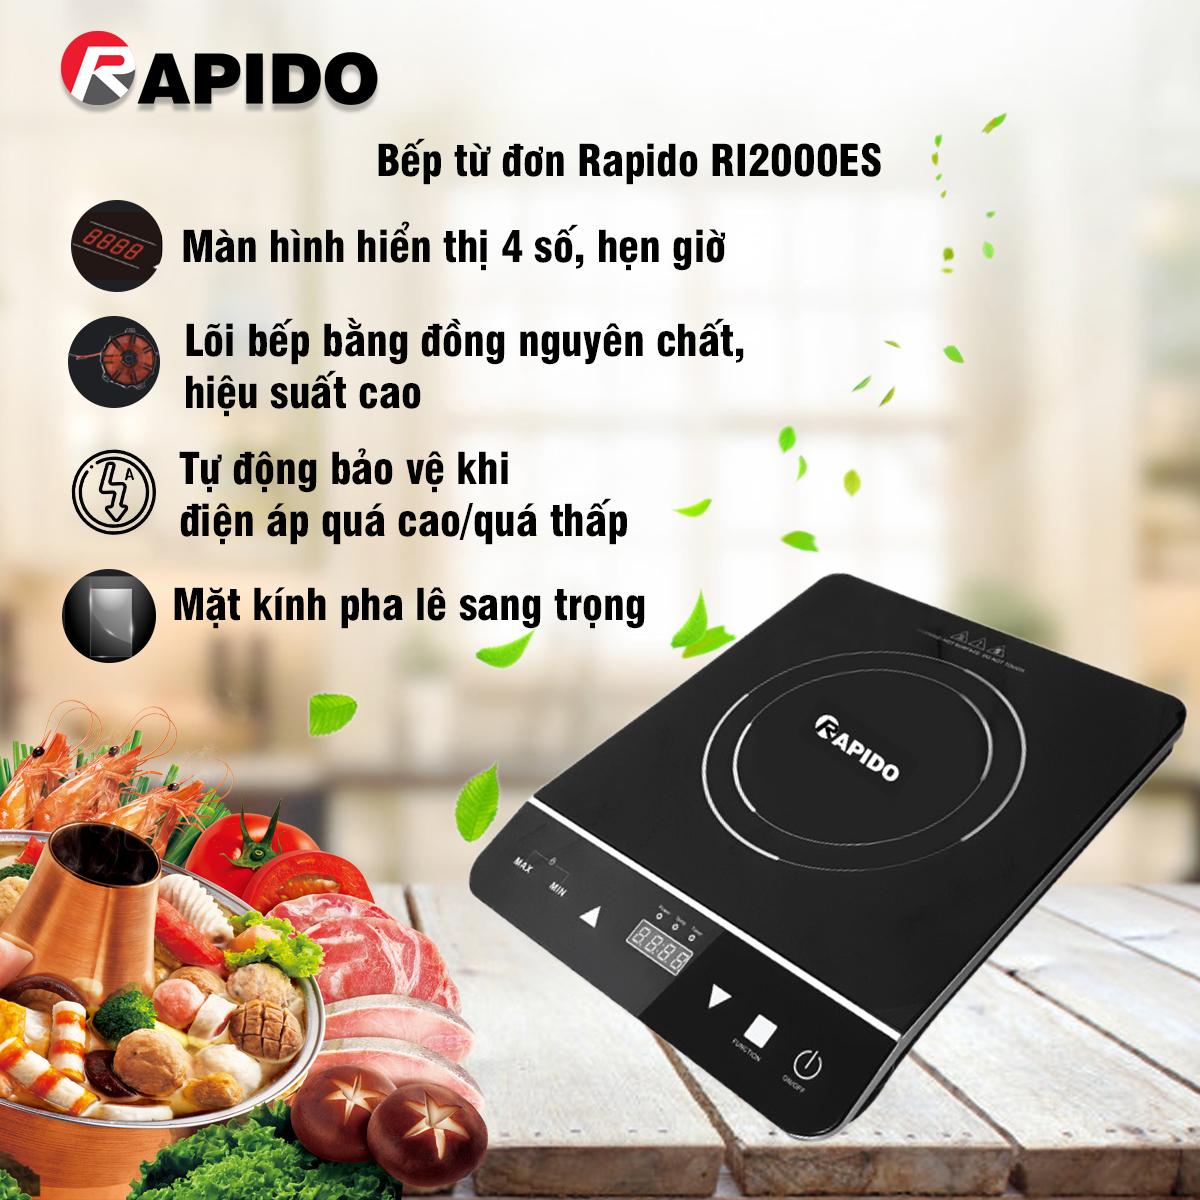 BẾP TỪ ĐƠN RAPIDO RI2000EC Chính hãng Cao Cấp